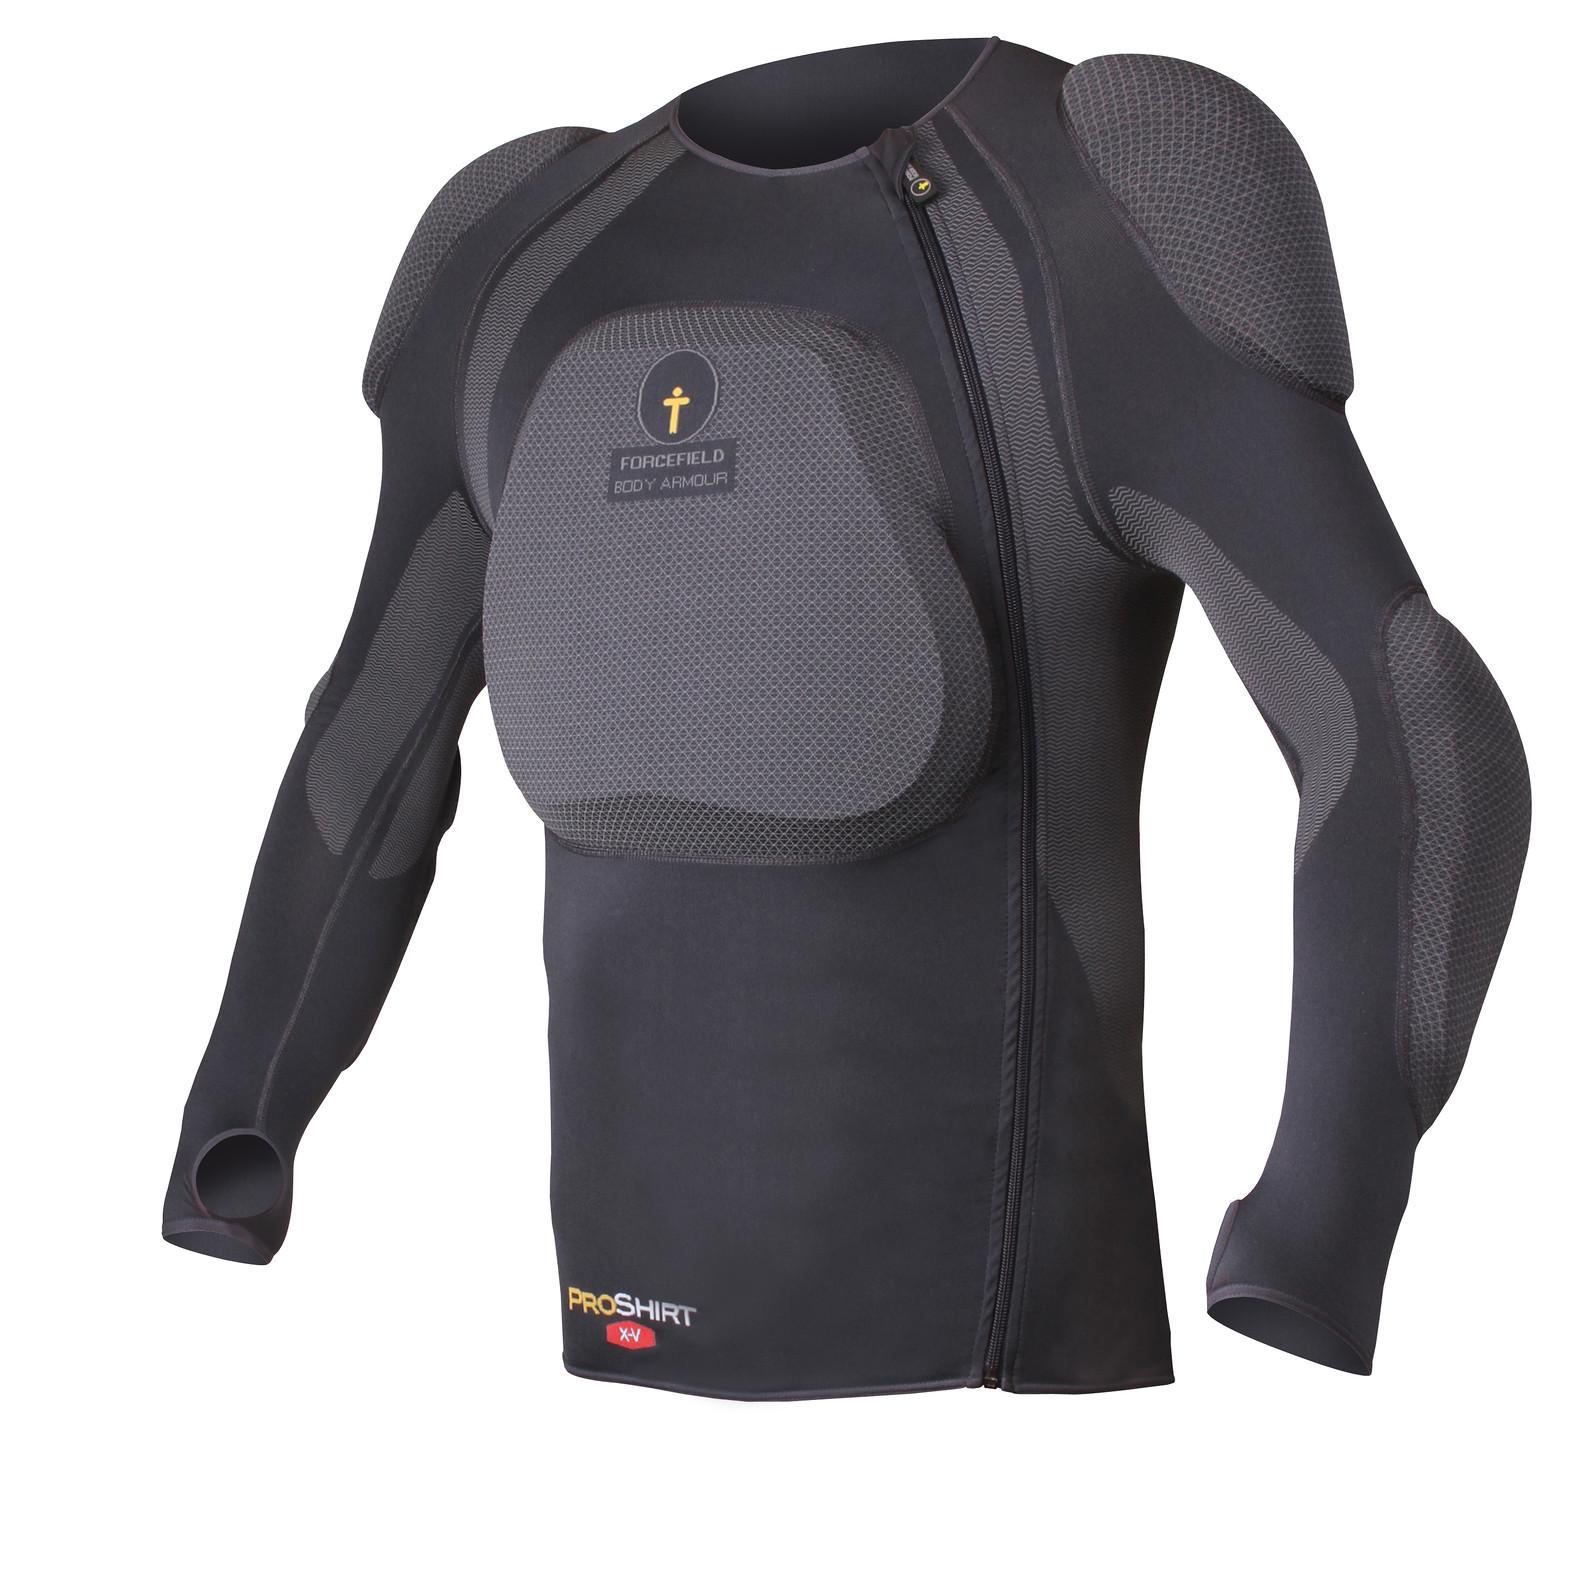 ProShirt XV 2 front